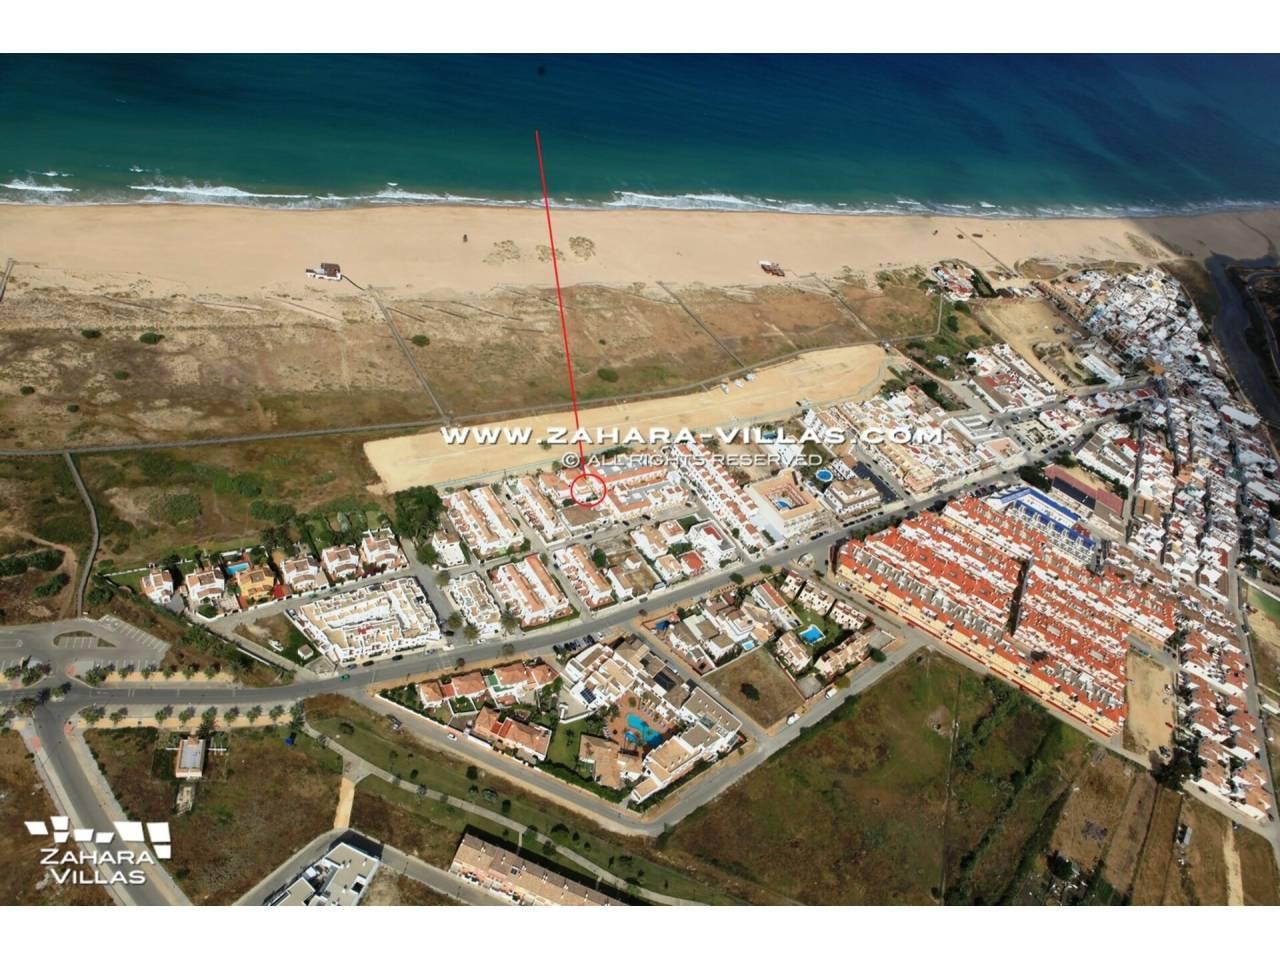 Imagen 5 de Casa en venta en segunda línea de playa, con vistas al mar en Zahara de los Atunes